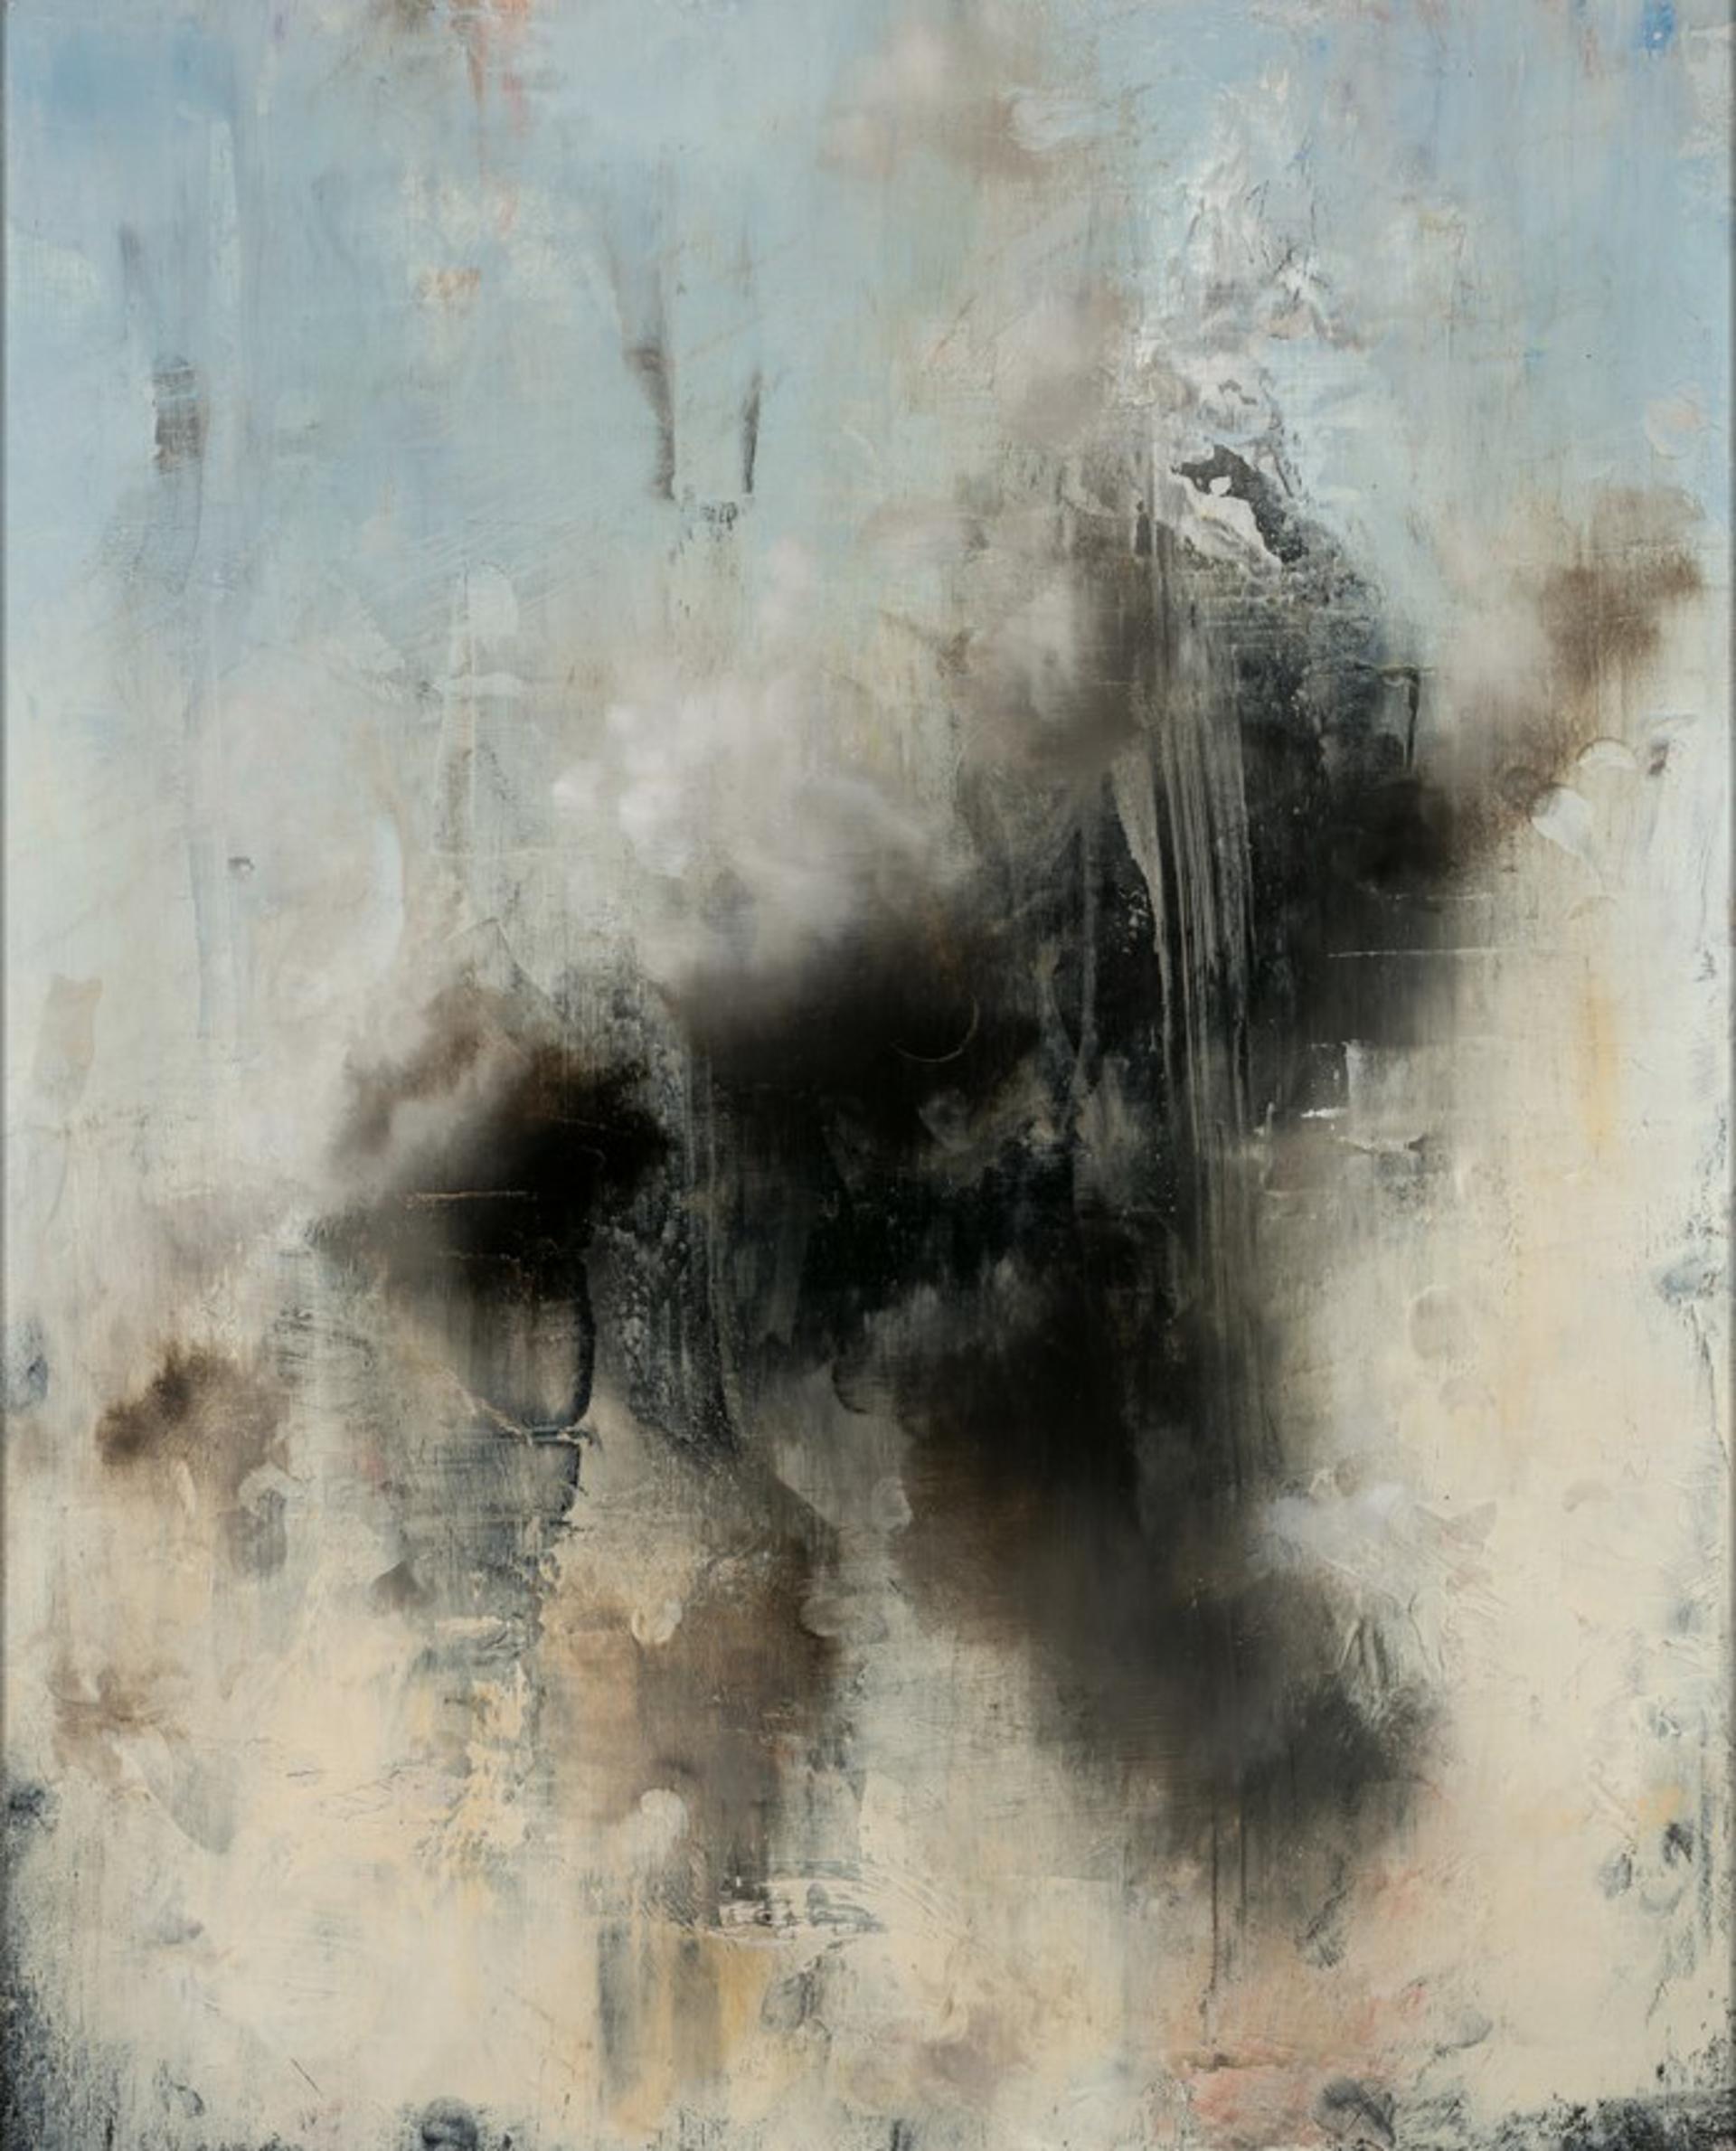 Black Cloud by Matthew Saba